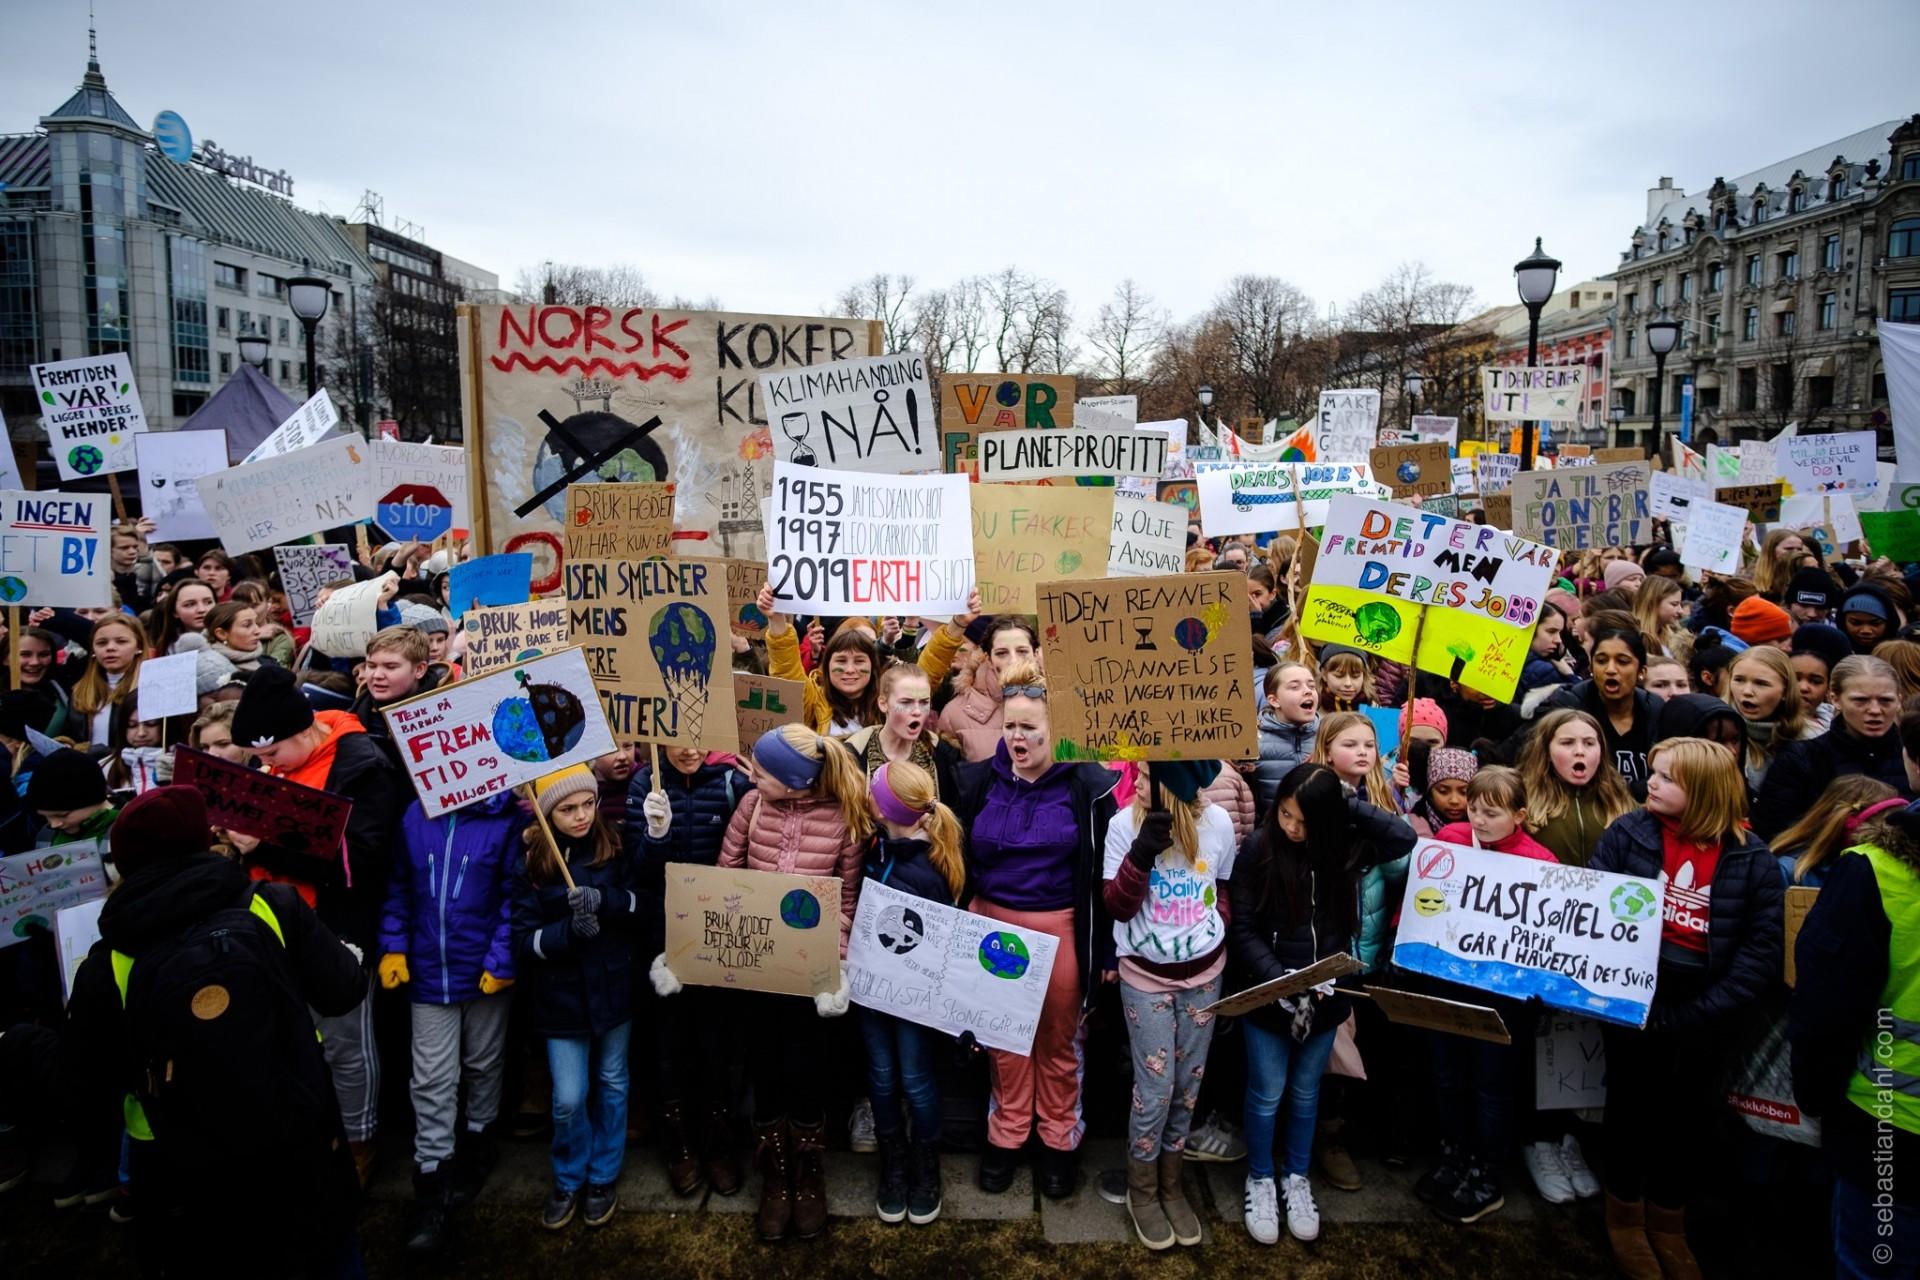 Nytt opprop ber Norge slutte å lete etter olje og gass